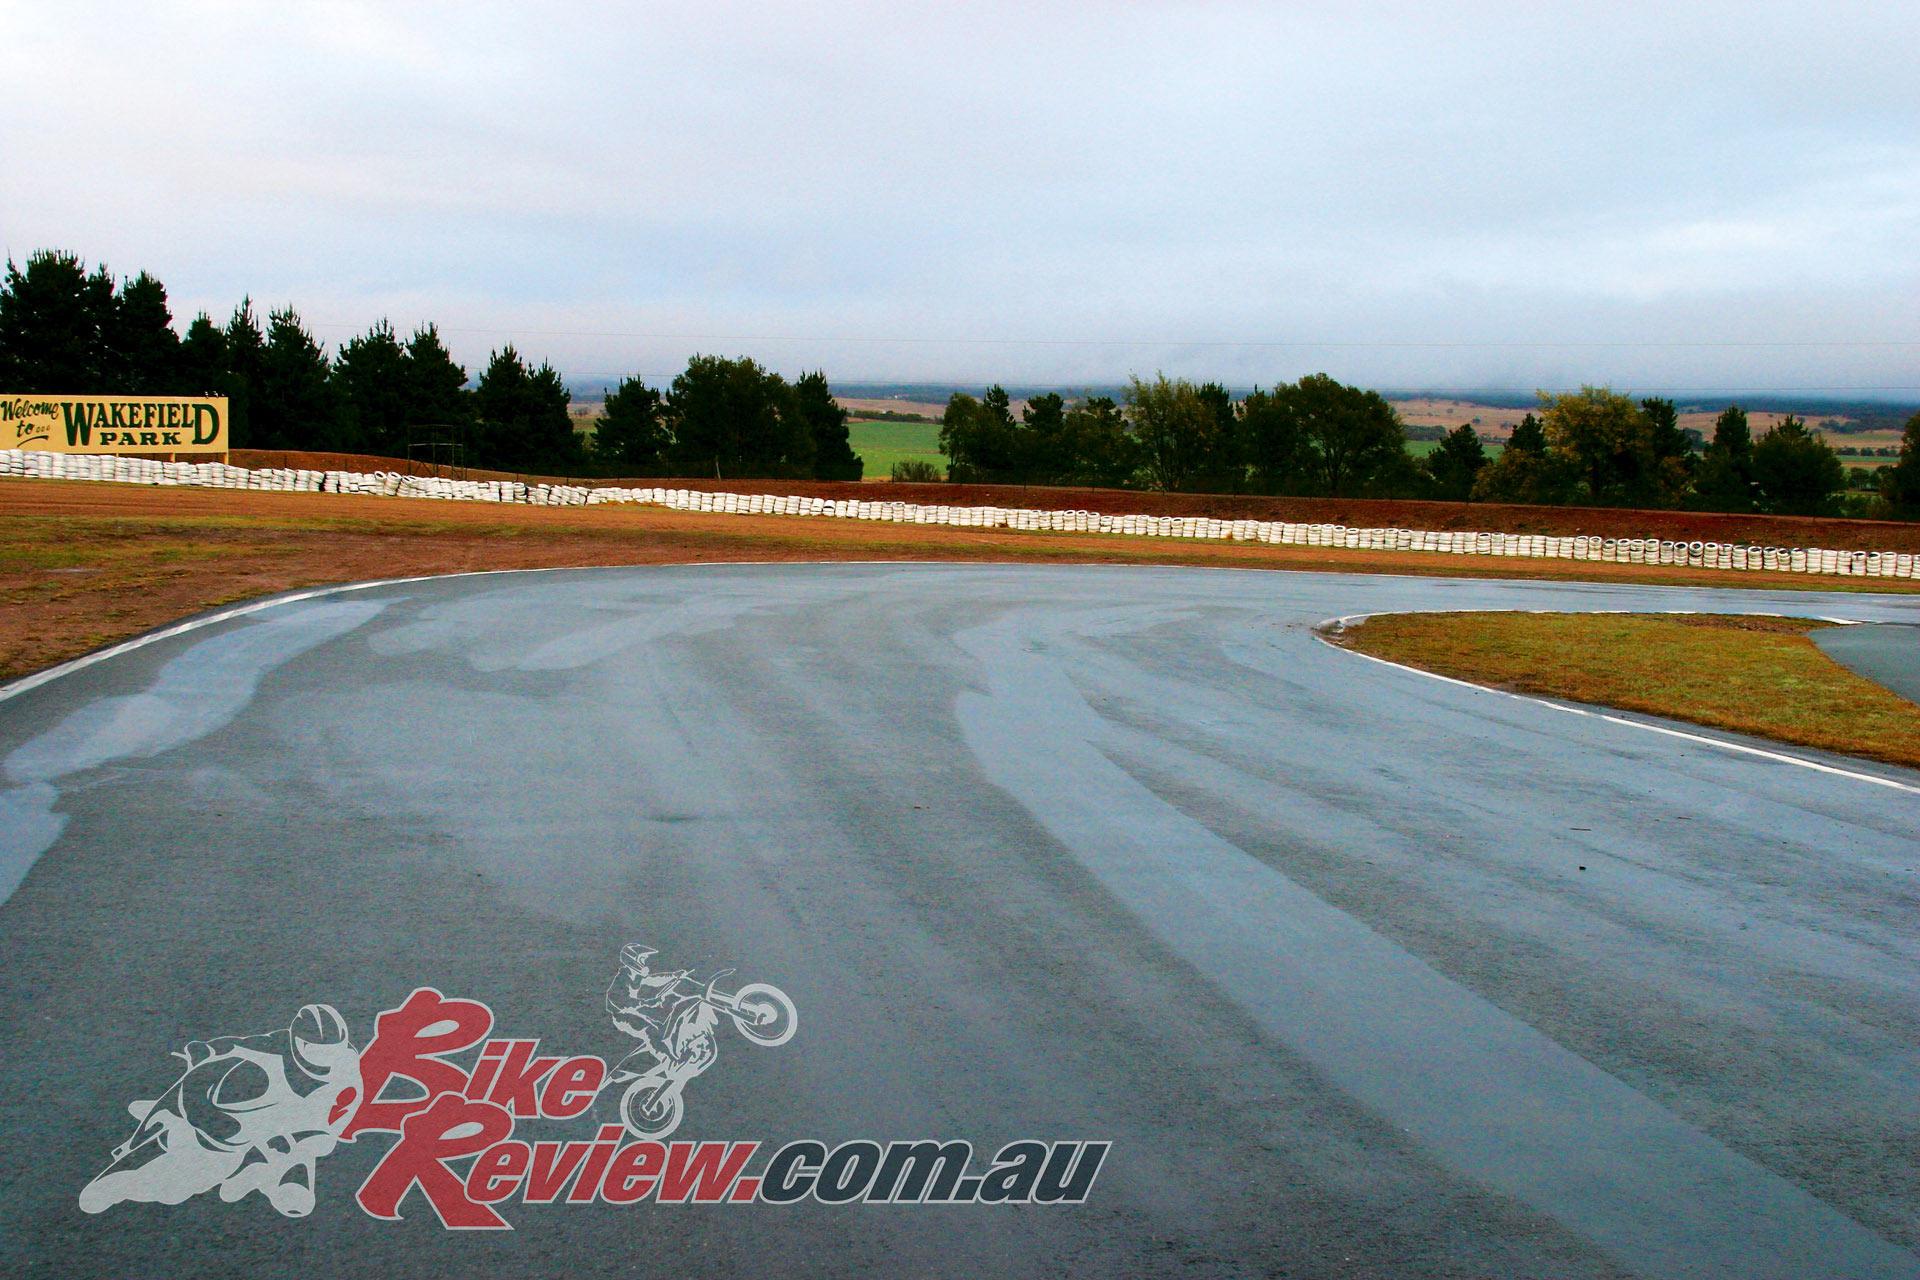 Turn Ten - Wakefield Park Raceway